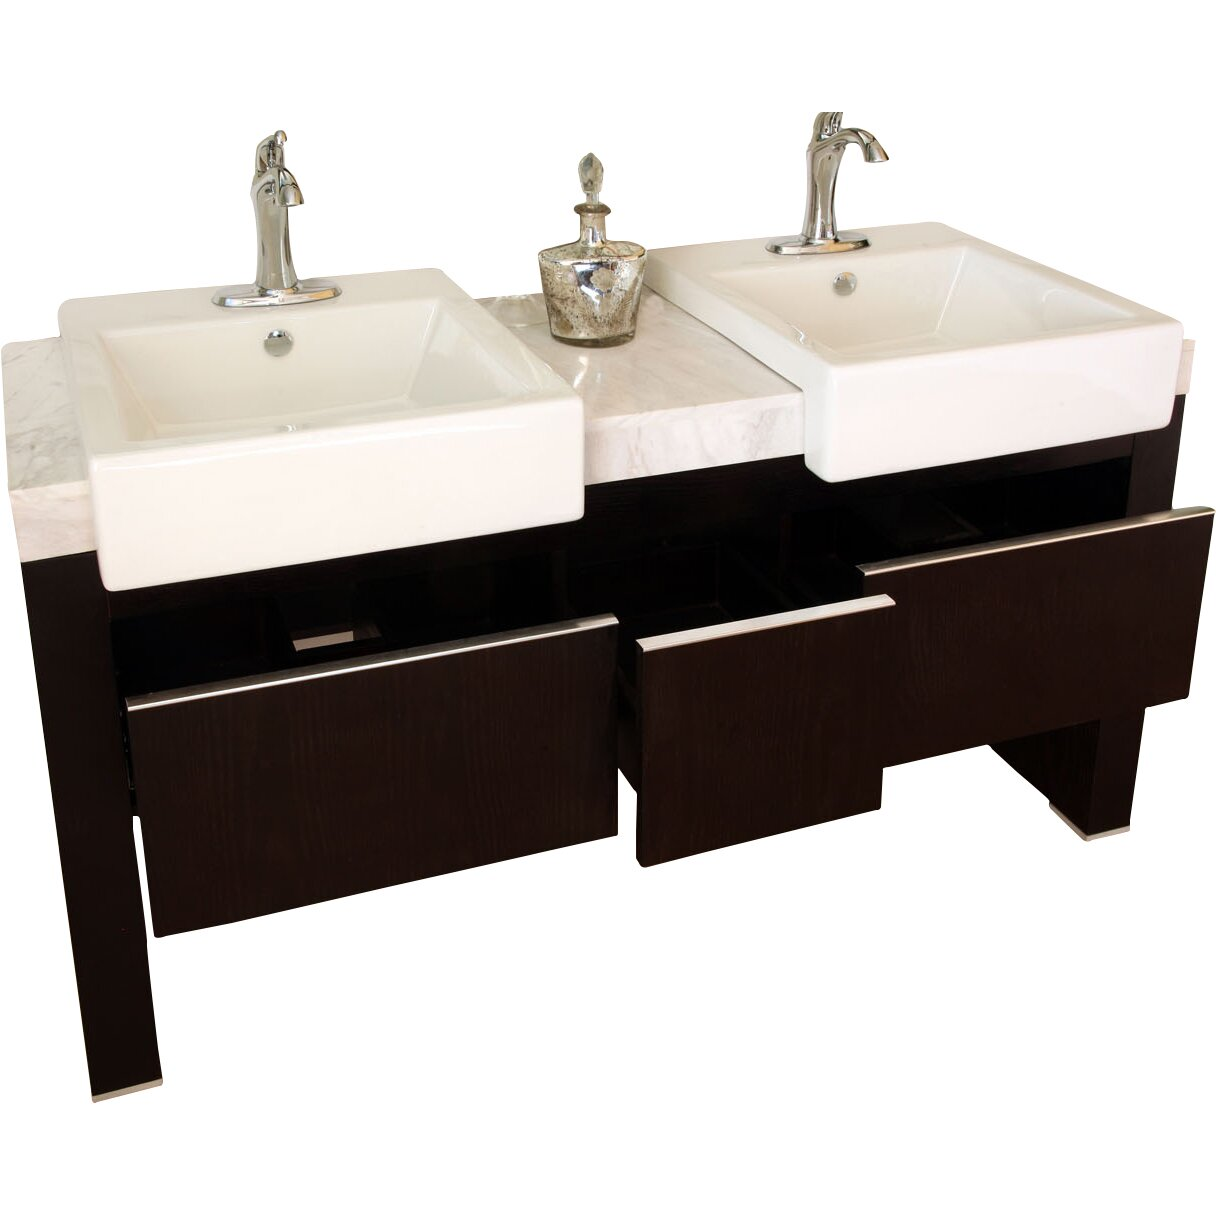 Bellaterra Home Essex 58 Double Bathroom Vanity Set